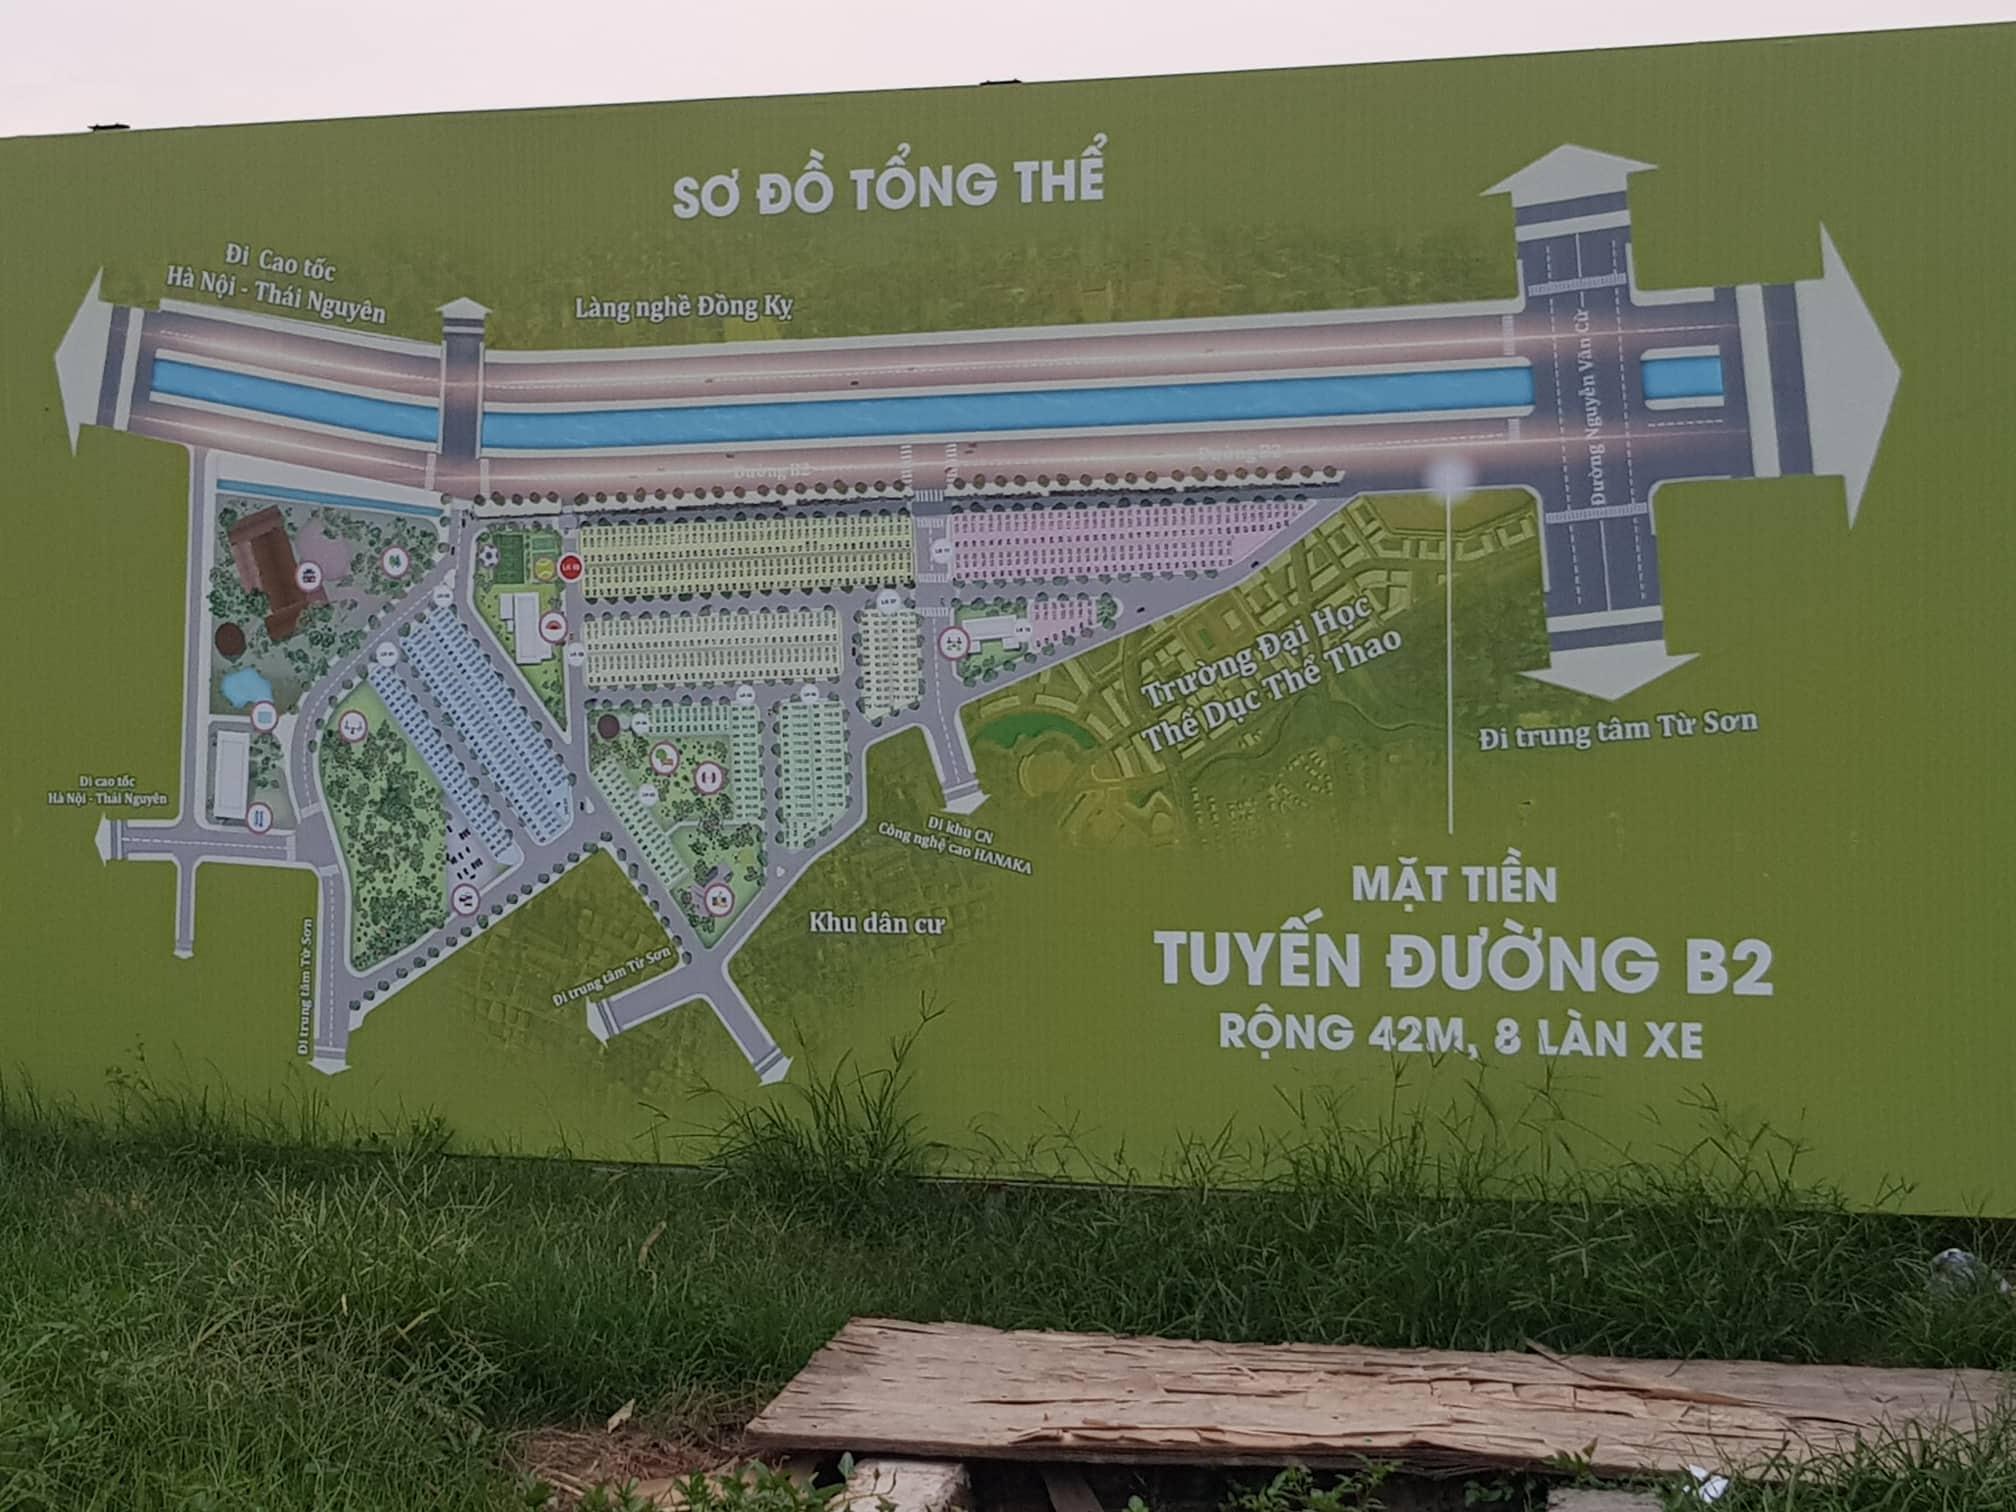 Dự án khu đô thị Trang Hạ - Từ Sơn: Một viễn cảnh đầy rủi ro - Ảnh 1